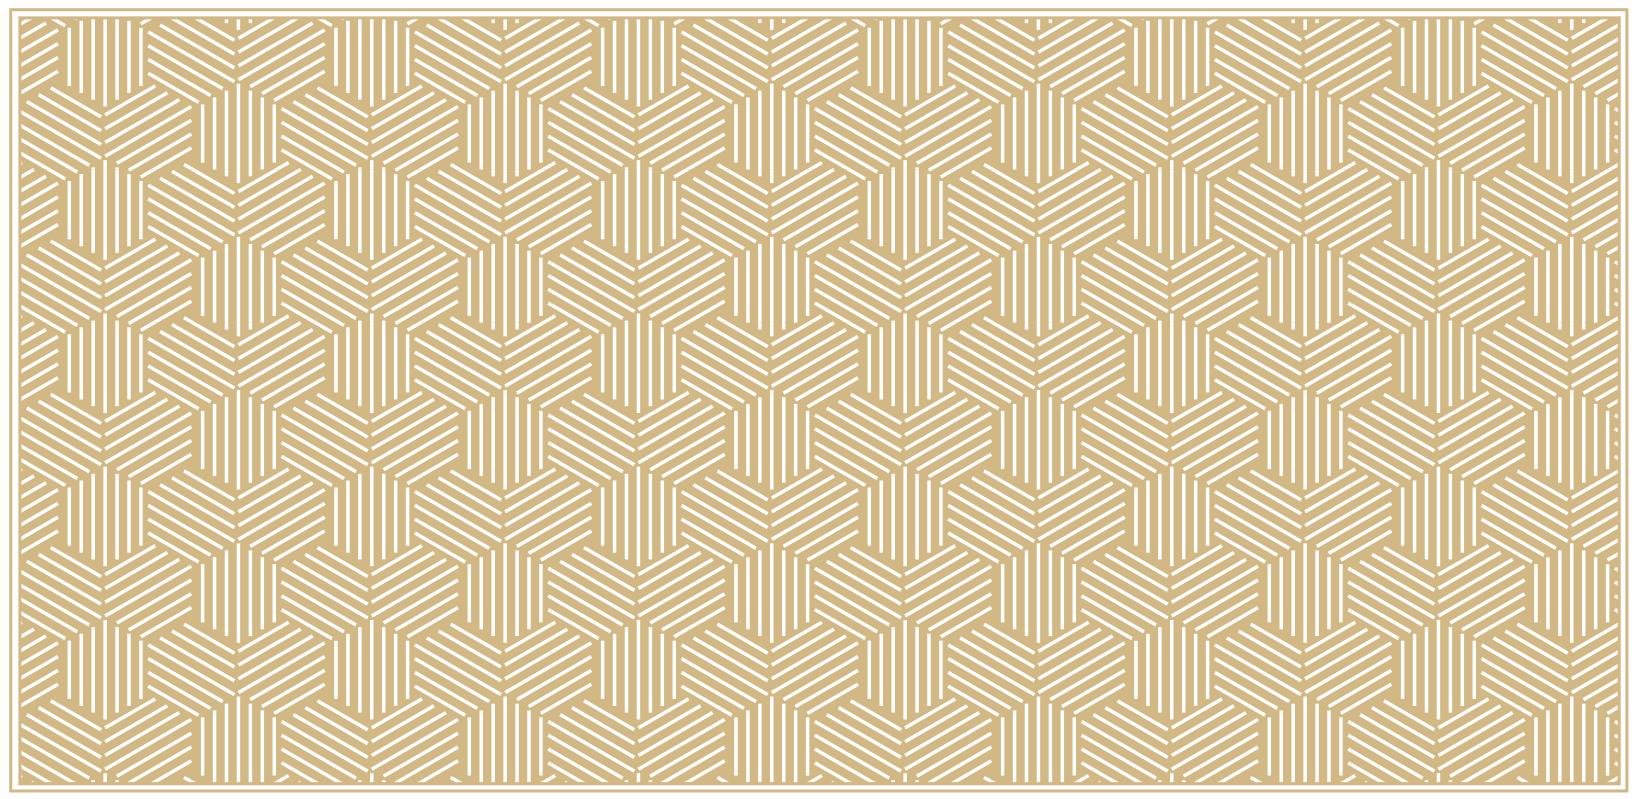 TenStickers. Hexágonos com riscas revestindo tapetes geométricos. Este lindo piso de vinil de sala de estar representa hexágonos com ladrilhos de riscas. é lavável, antiderrapante e muito duradouro.